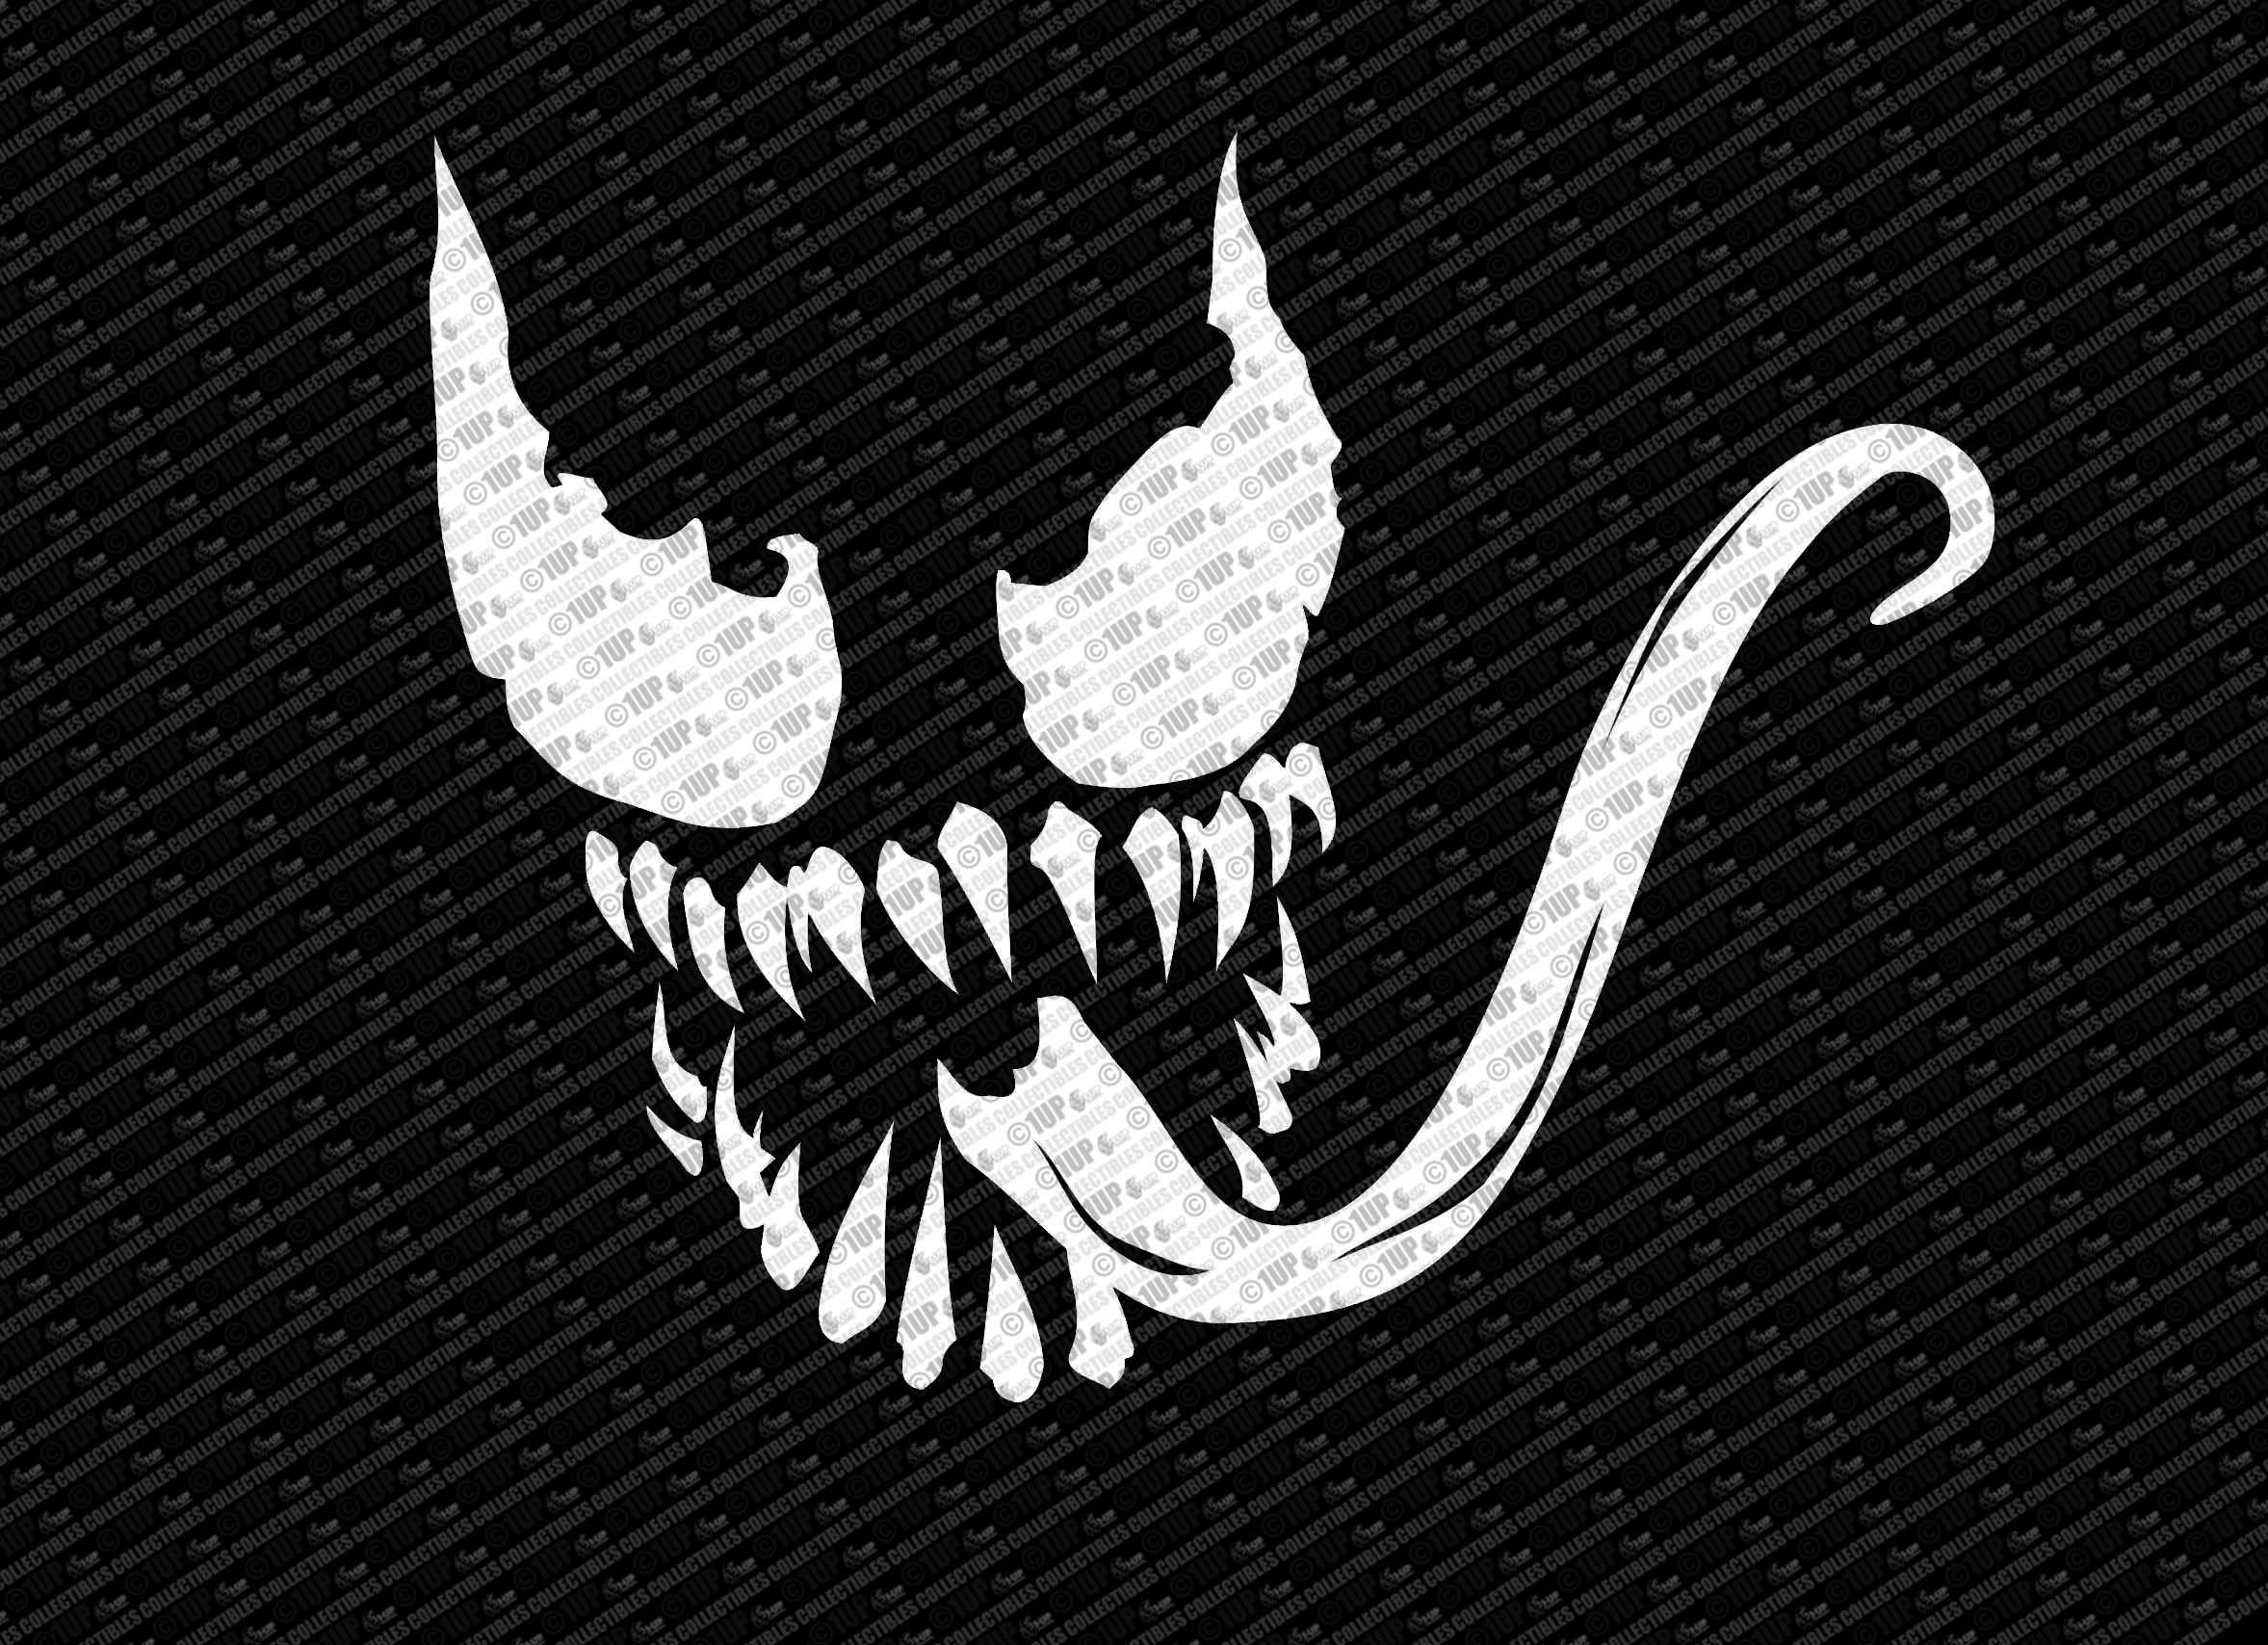 Spider man venom logo decal sticker vinyl decals venom merchandise at 1up collectibles